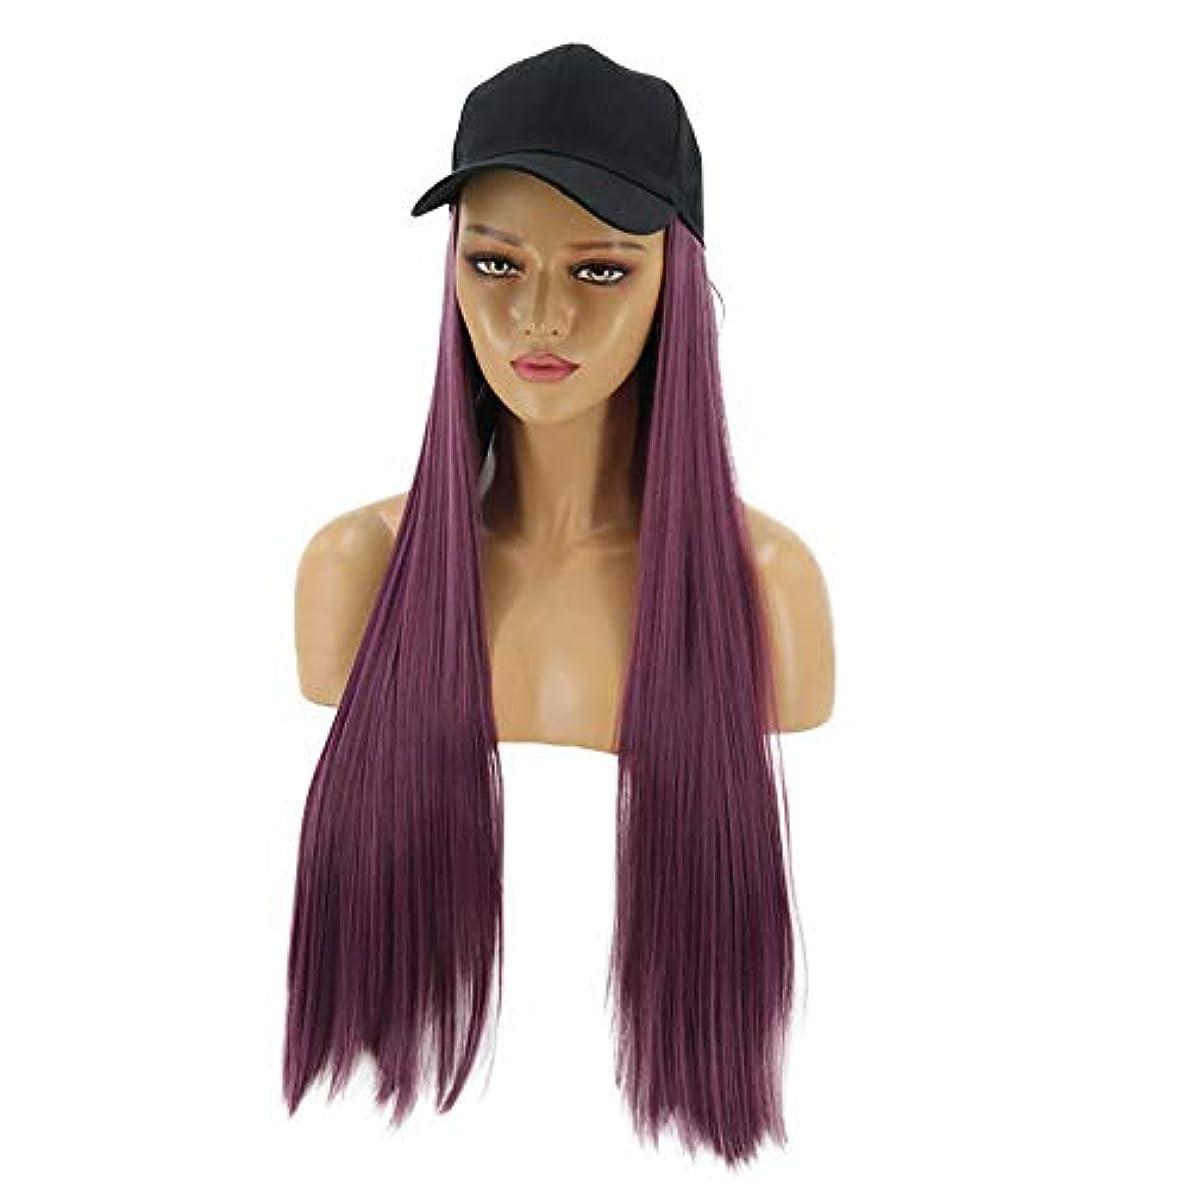 止まる中にハブブHAILAN HOME-かつら ヨーロッパやアメリカのファッションレディースウィッグワンピース帽子ウィッグ粘り強いストレートヘアー62センチメートル(ゴールド/パープル/グレー)ワンピース取り外し可能 (色 : Purple)